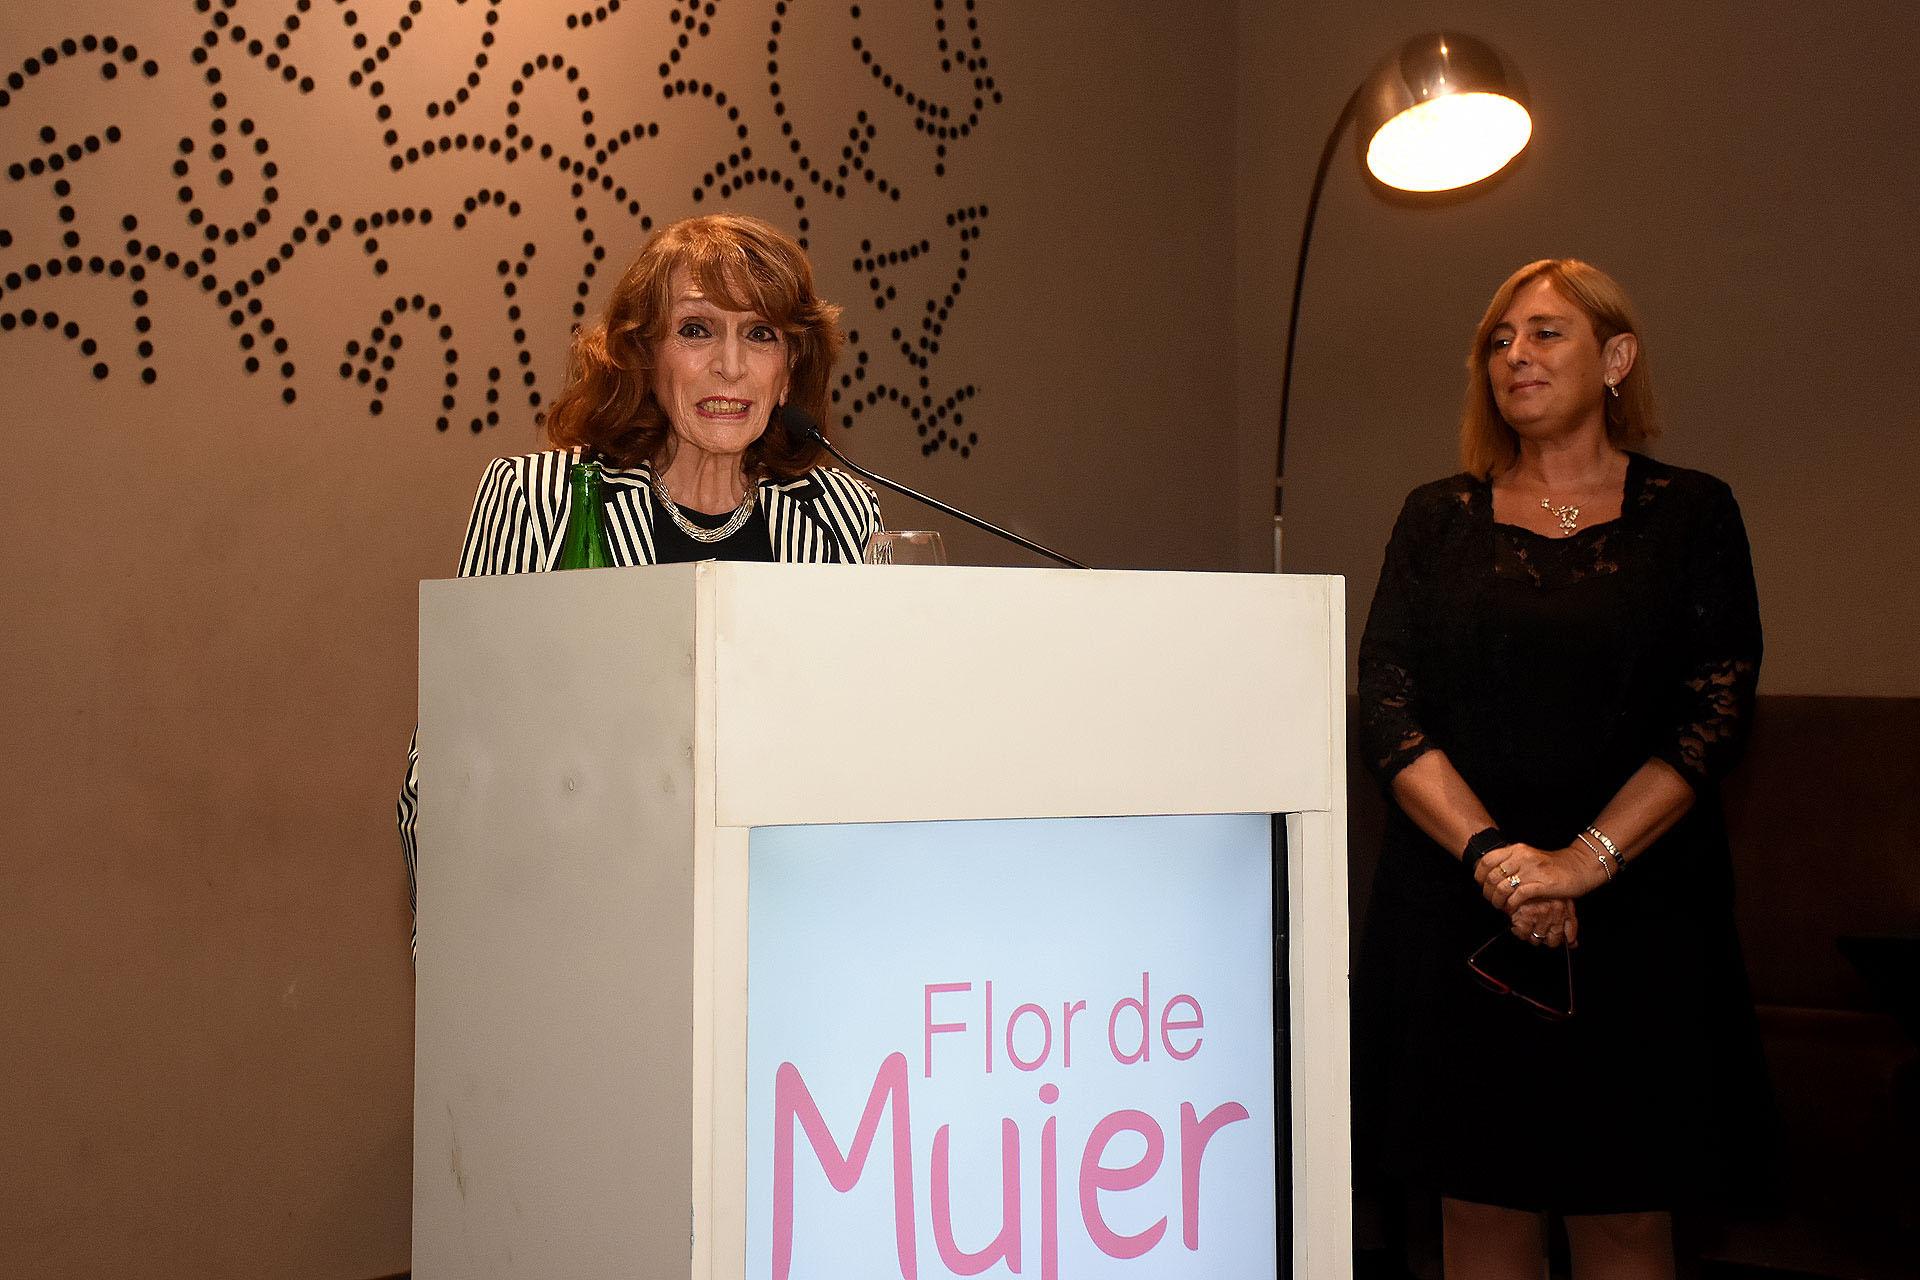 Fue galardonada con el Premio Flor de Mujer de Honor